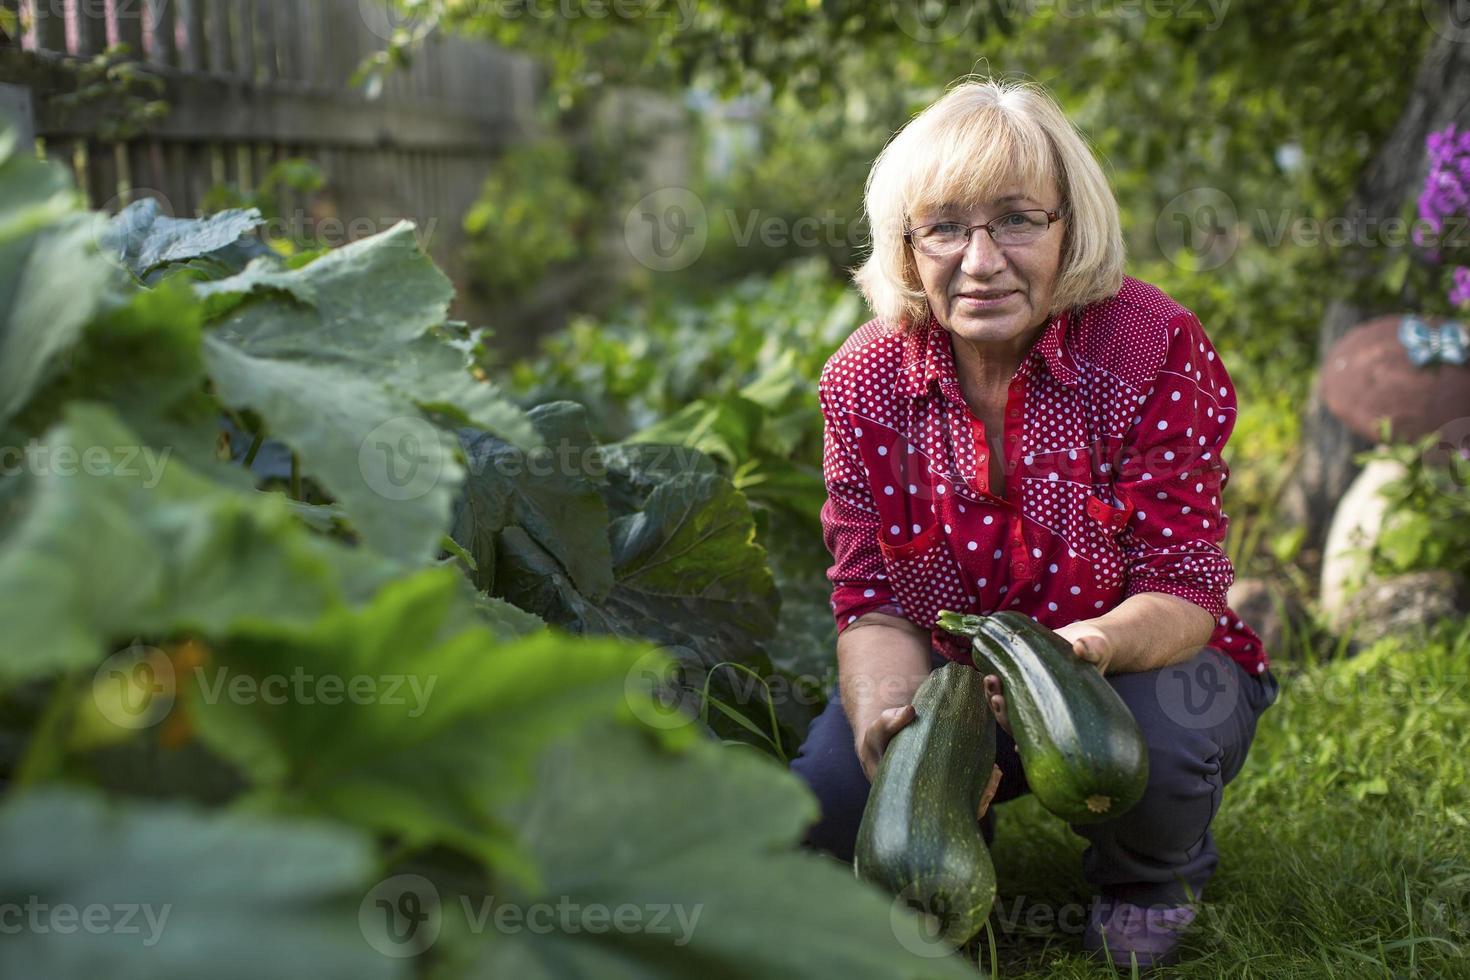 mulher com uma abobrinha em seu jardim. foto